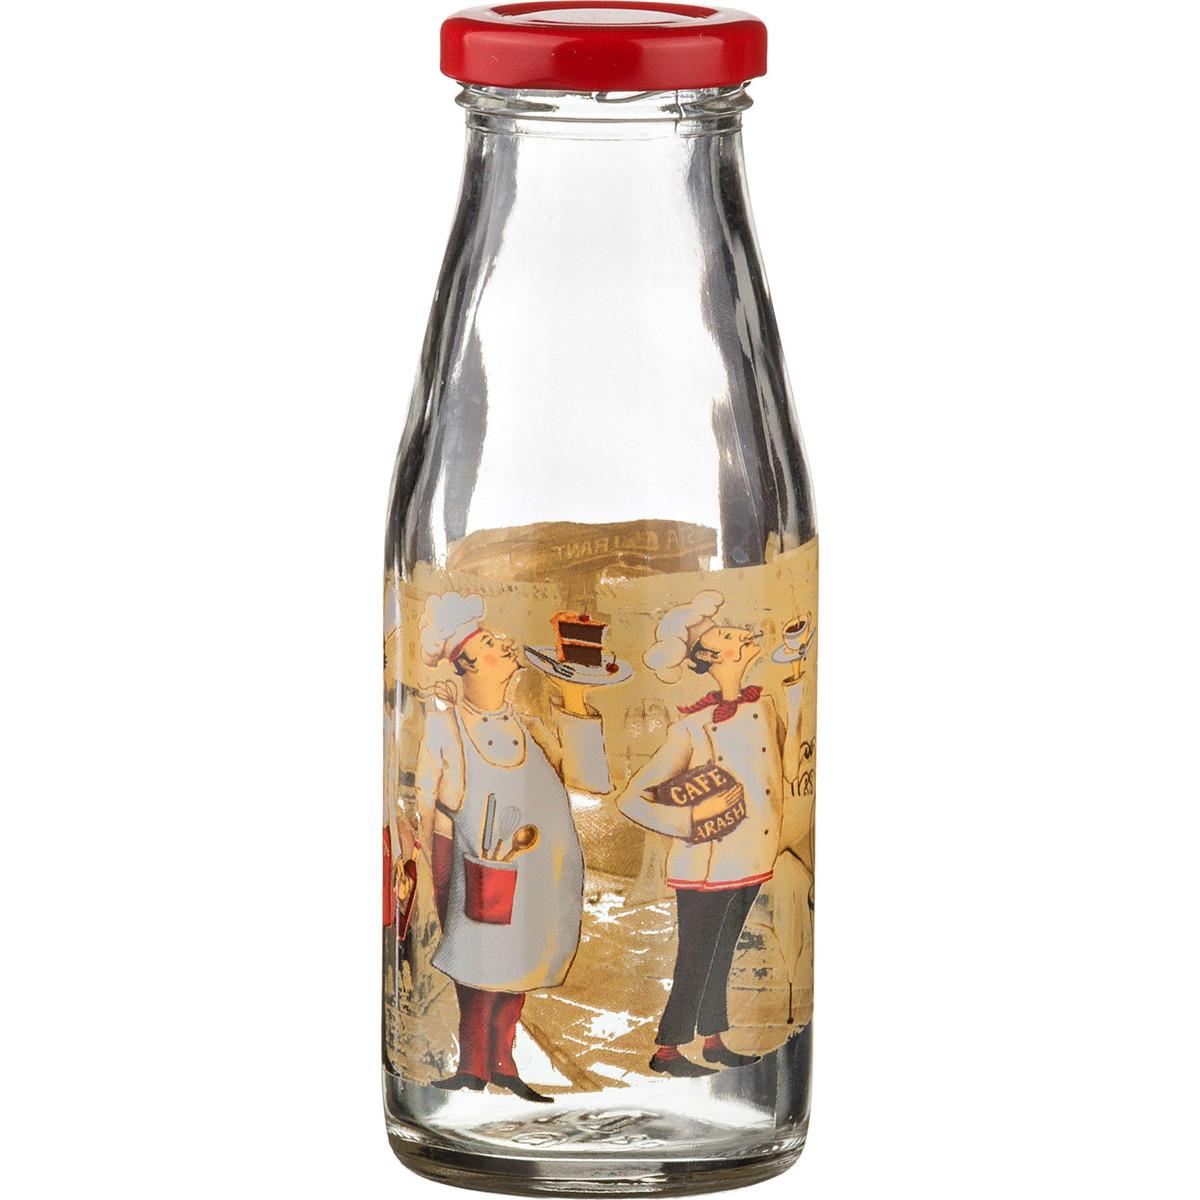 Хранение продуктов Pasabahce Бутылка Сомелье (250 мл) бутылка для масла pasabahce 0 75 л